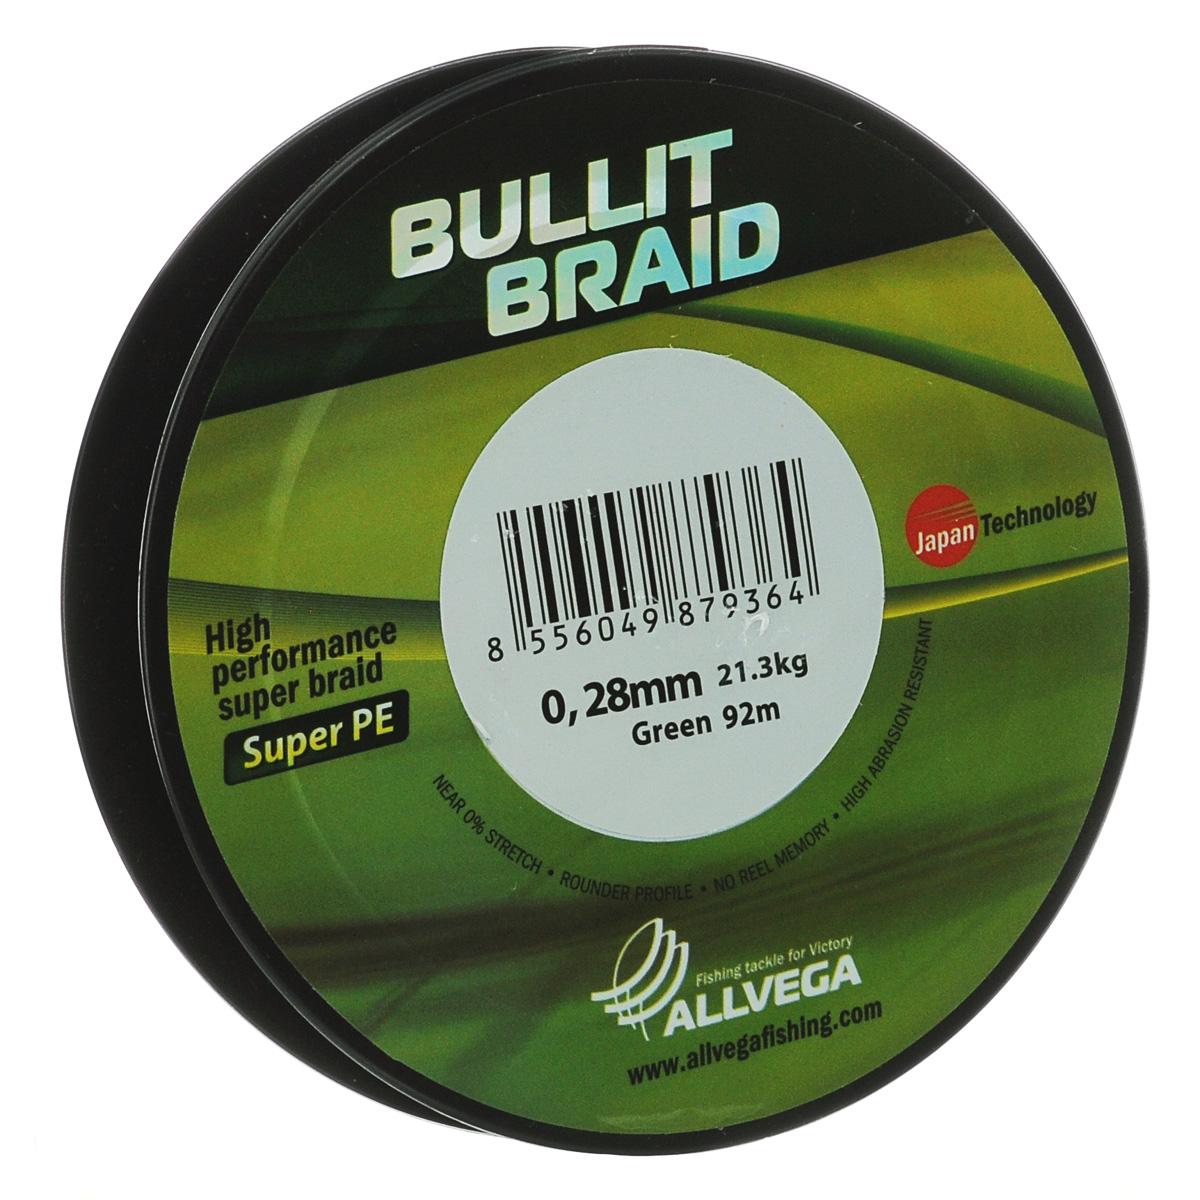 Леска плетеная Allvega Bullit Braid, цвет: темно-зеленый, 92 м, 0,28 мм, 21,3 кгPGPS7797CIS08GBNVЛеска Allvega Bullit Braid с гладкой поверхностью и одинаковым сечением по всей длине обладает высокой износостойкостью. Благодаря микроволокнам полиэтилена (Super PE) леска имеет очень плотное плетение и не впитывает воду. Леску Allvega Bullit Braid можно применять в любых типах водоемов. Особенности:- повышенная износостойкость;- высокая чувствительность - коэффициент растяжения близок к нулю;- отсутствует память;- идеально гладкая поверхность позволяет увеличить дальность забросов;- высокая прочность шнура на узлах.